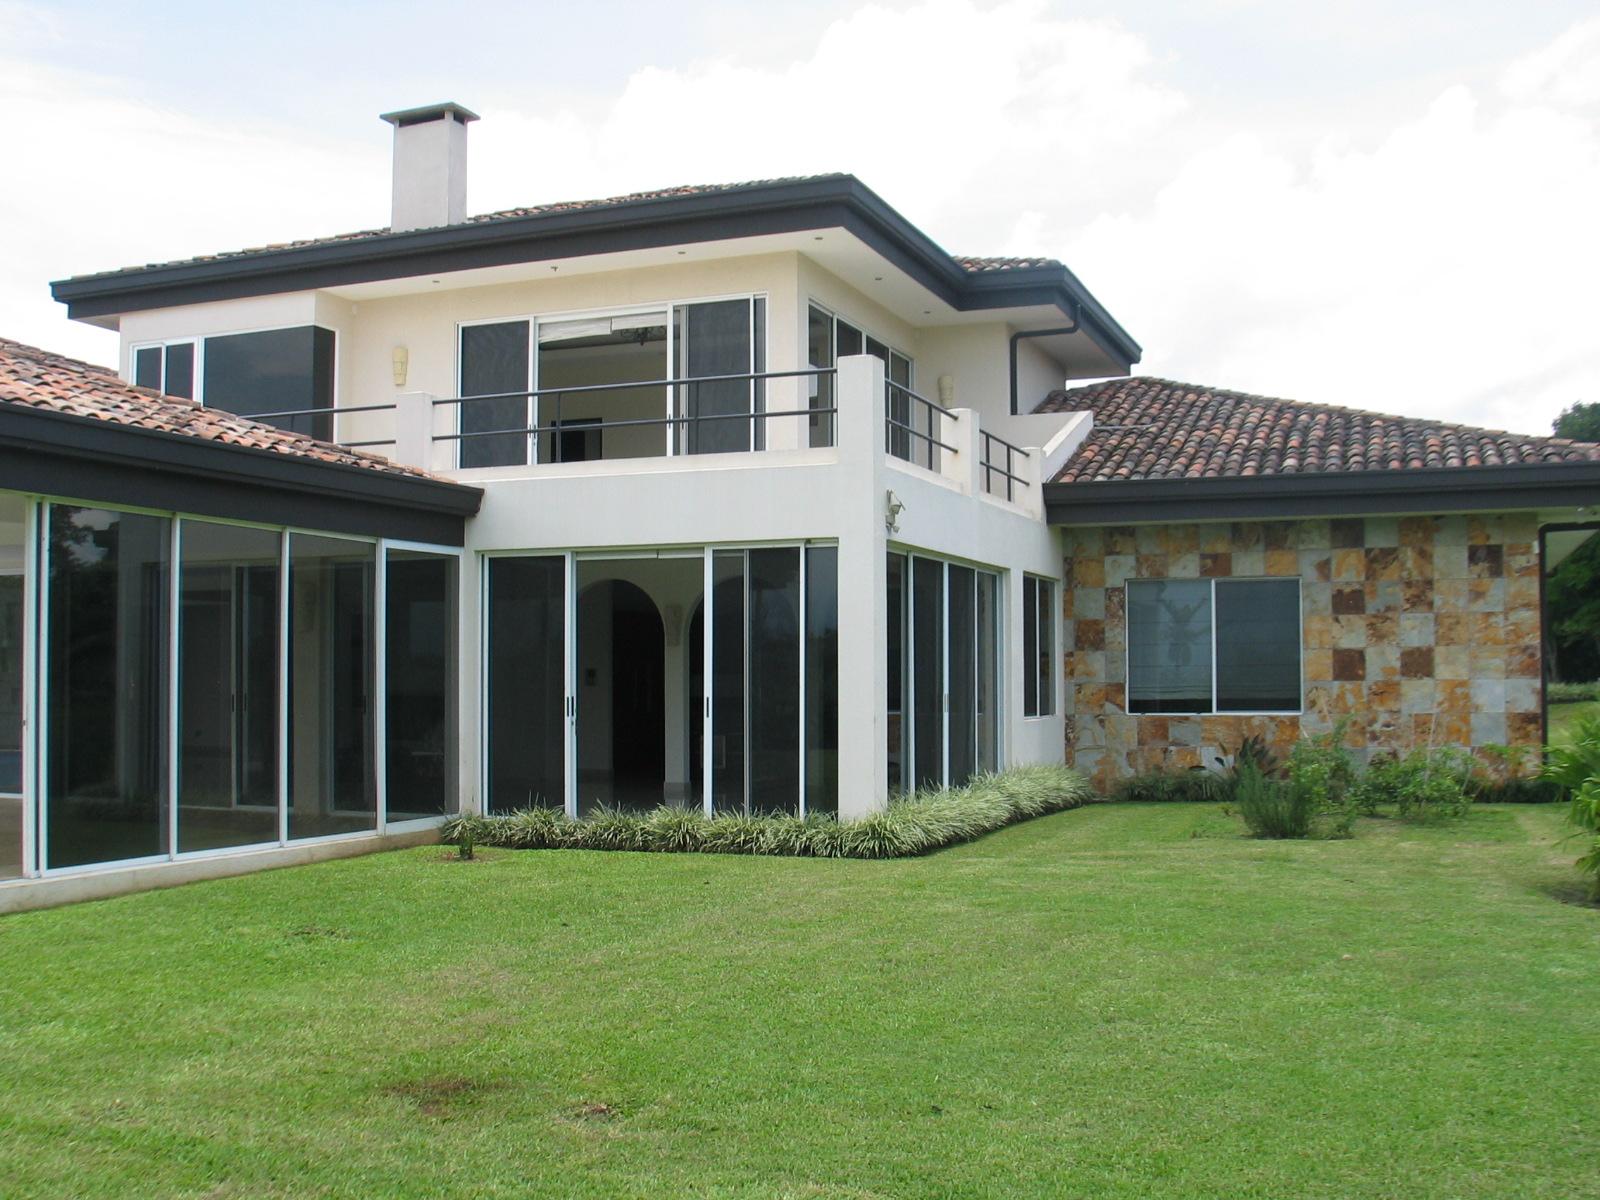 Hacienda los reyes luxury home for sale luxury homes for for Luxury homes for sale in costa rica